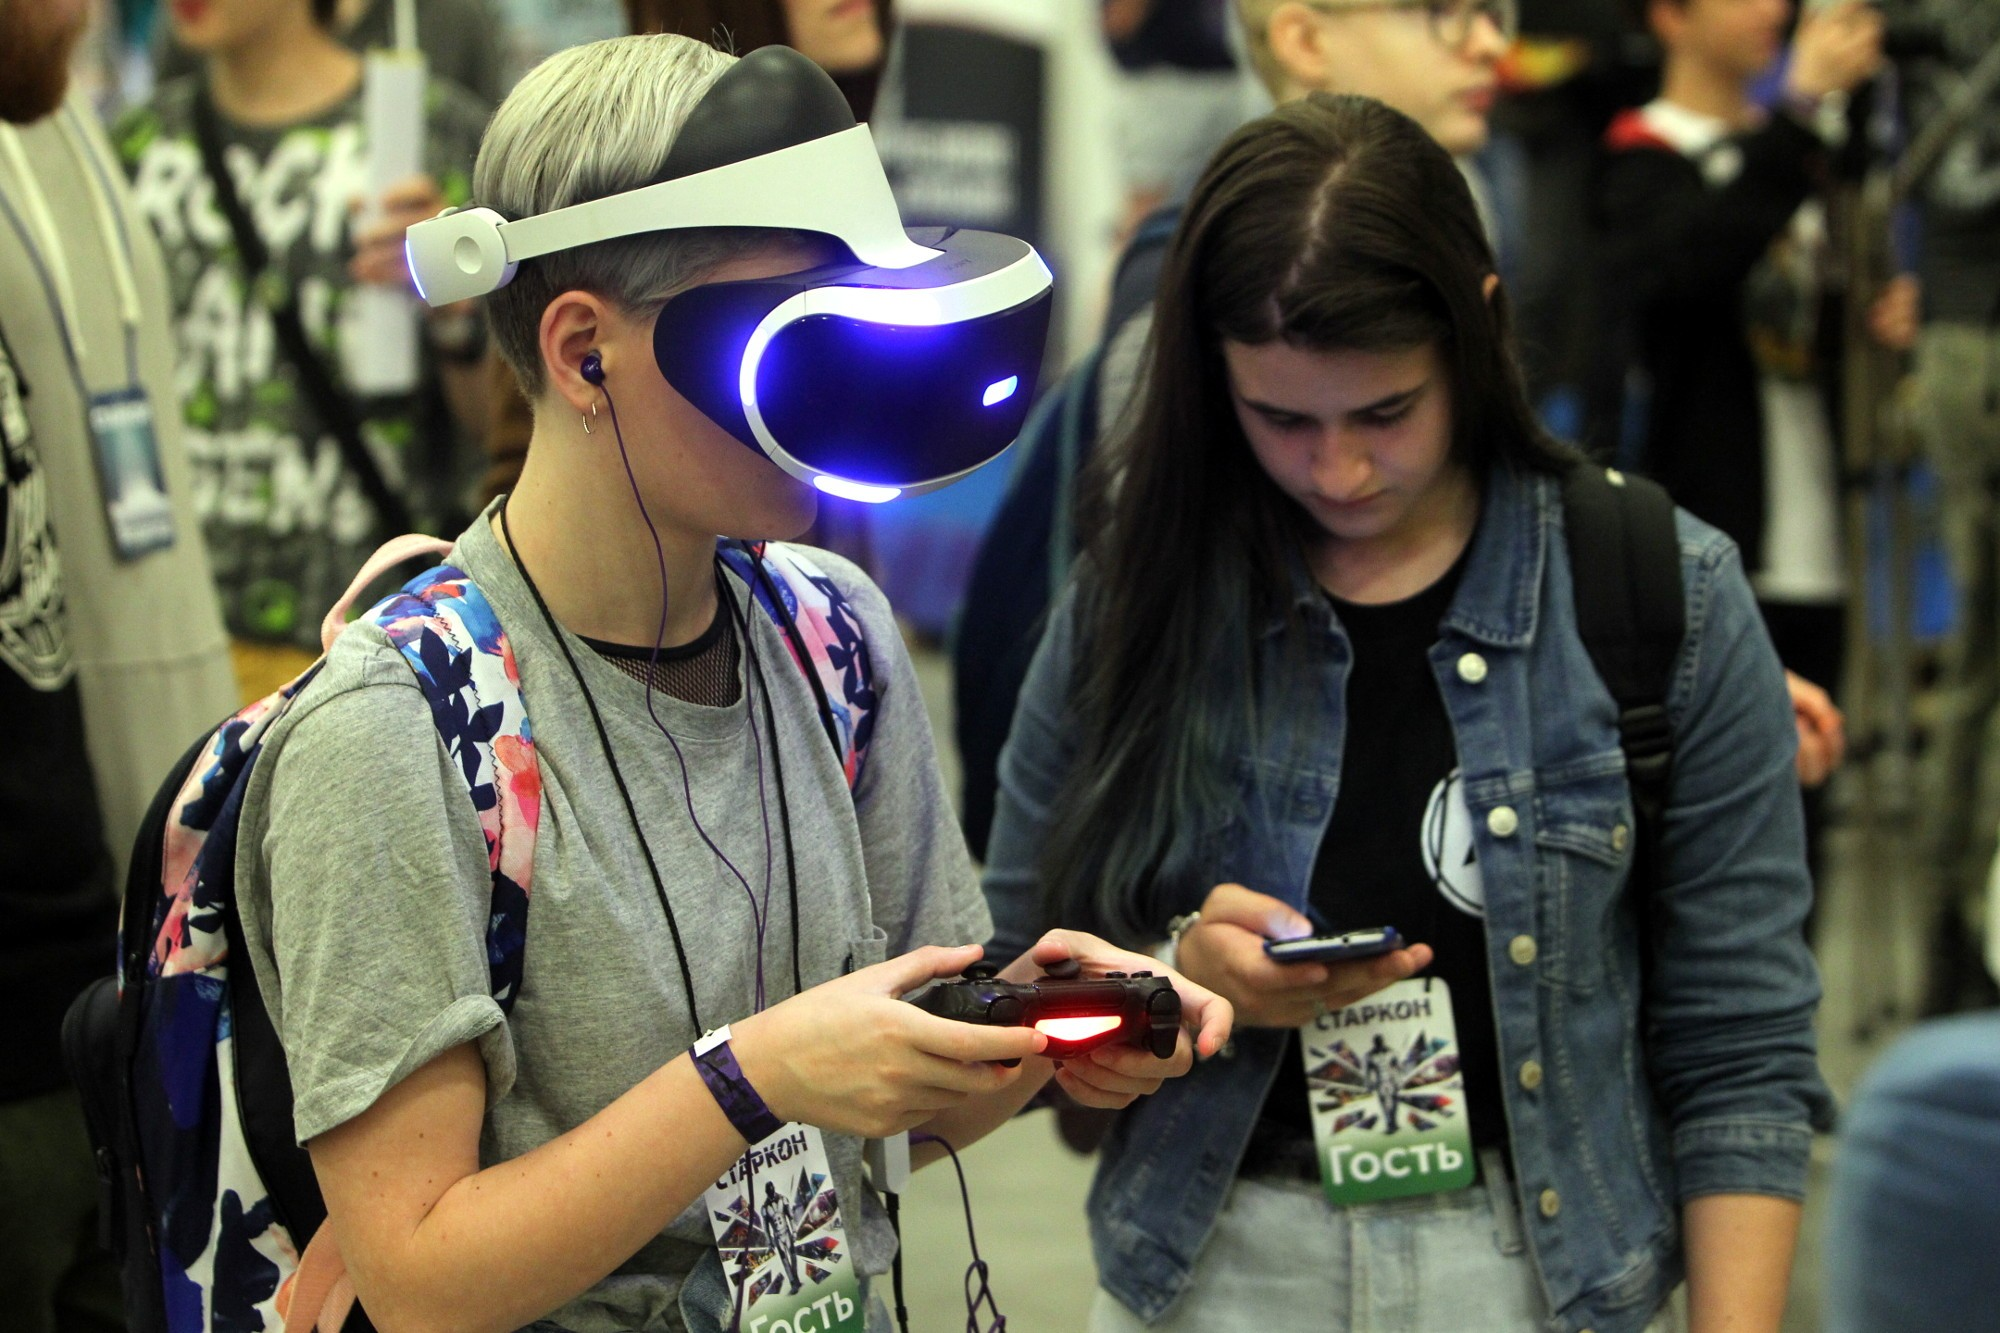 старкон фестиваль косплей фантастика костюмы виртуальная реальность